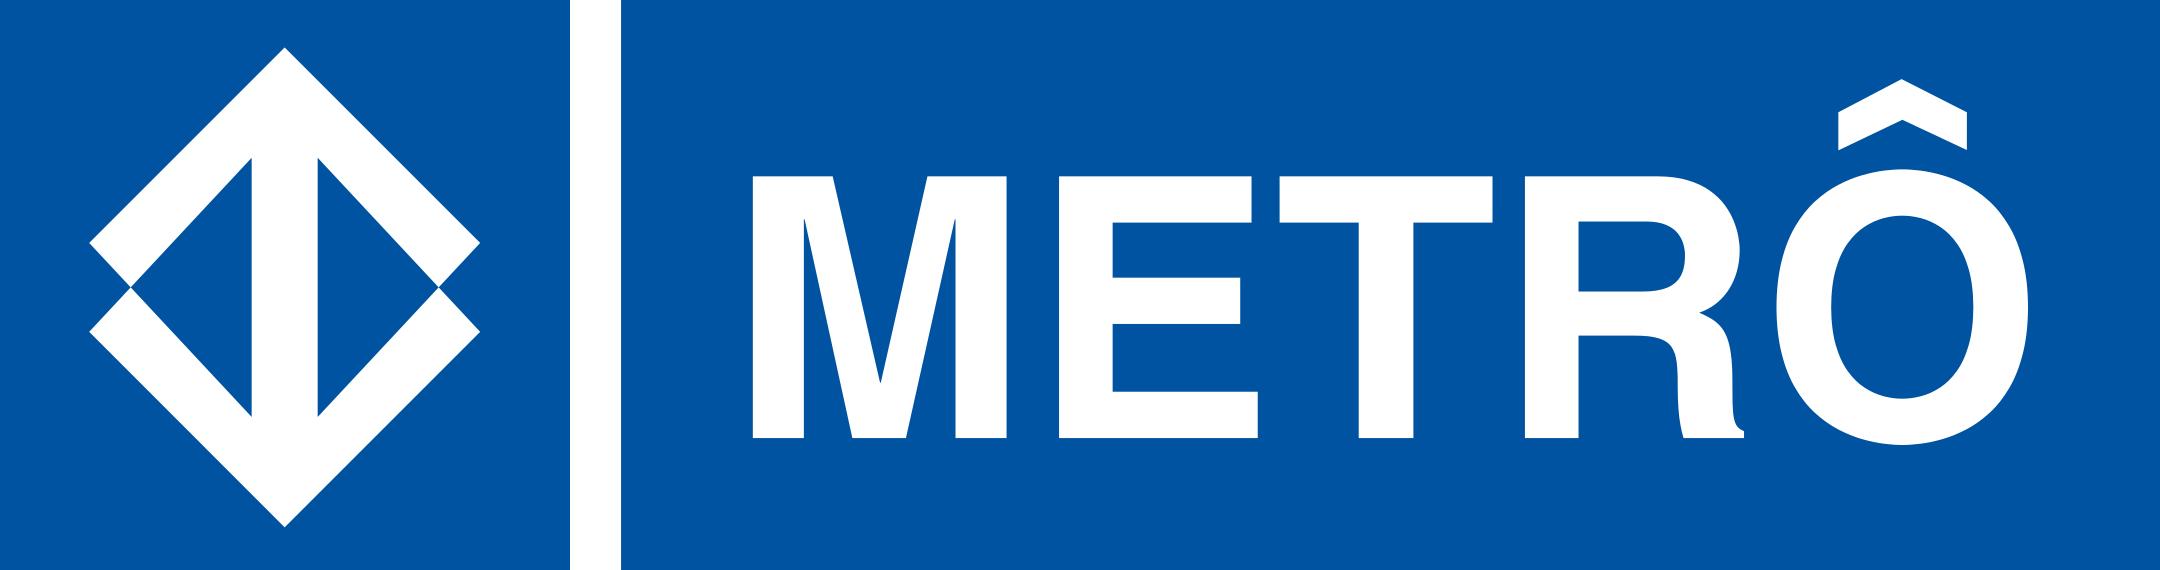 metro sp logo 2 - Metrô SP Logo